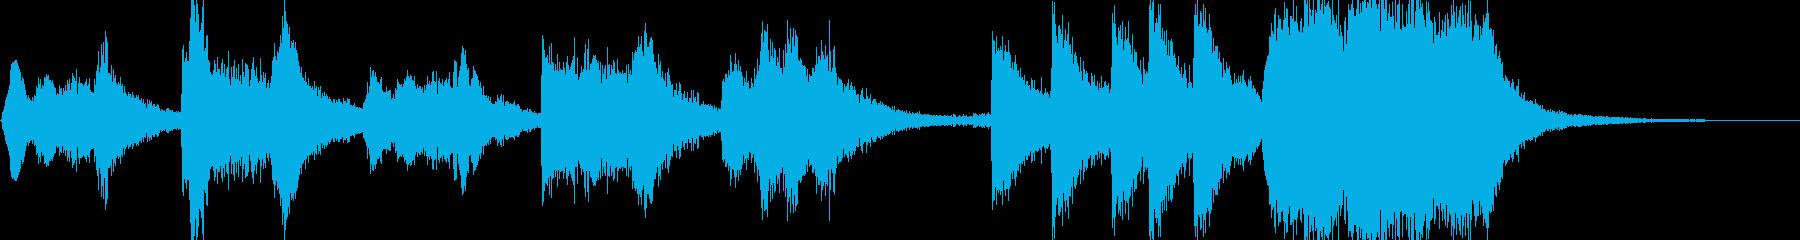 活発なファンファーレの再生済みの波形